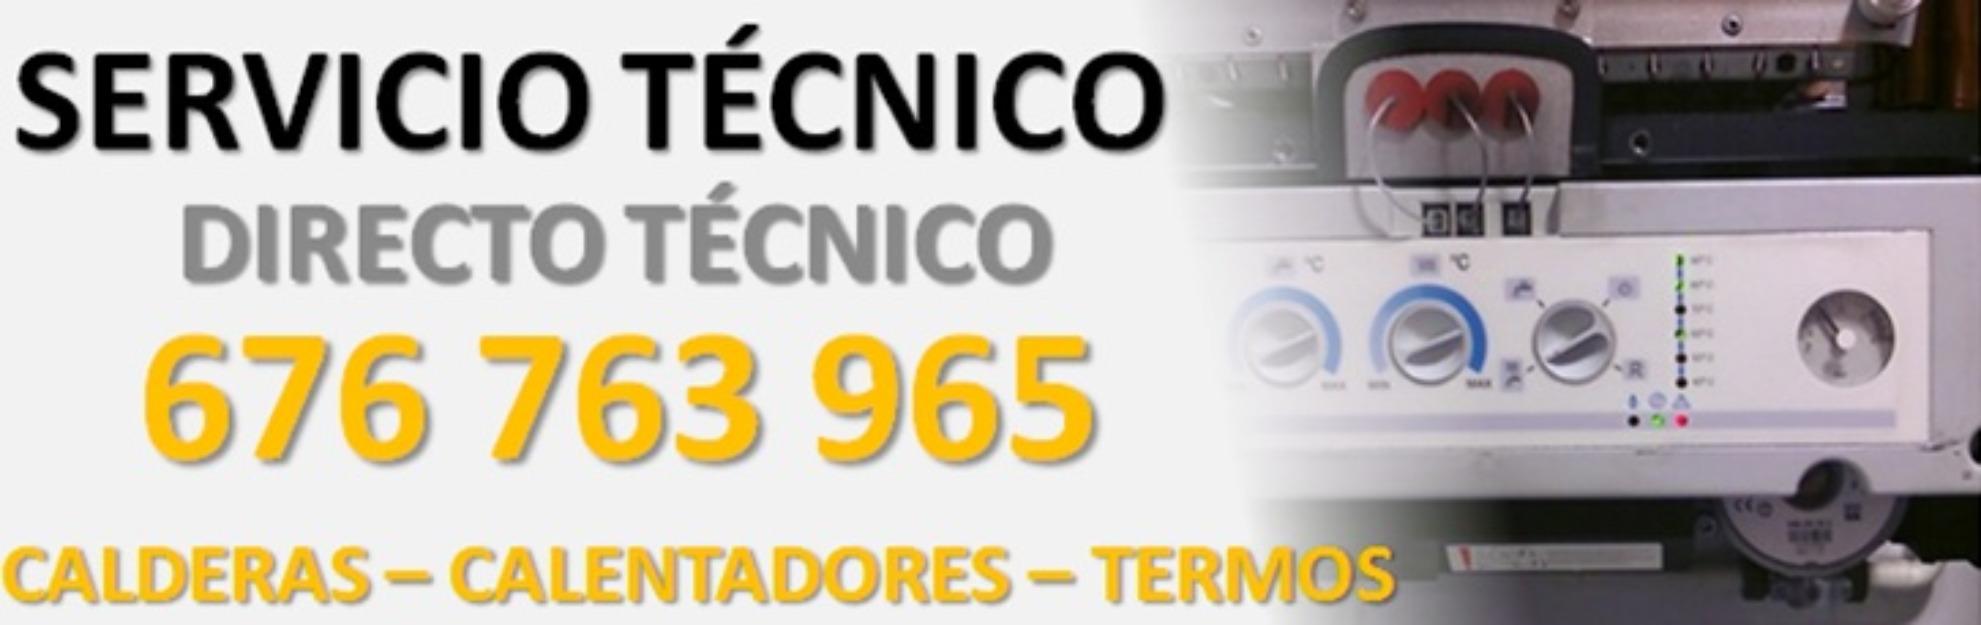 Servicio tecnico roca madrid 914280927 111861 mejor for Servicio tecnico roca